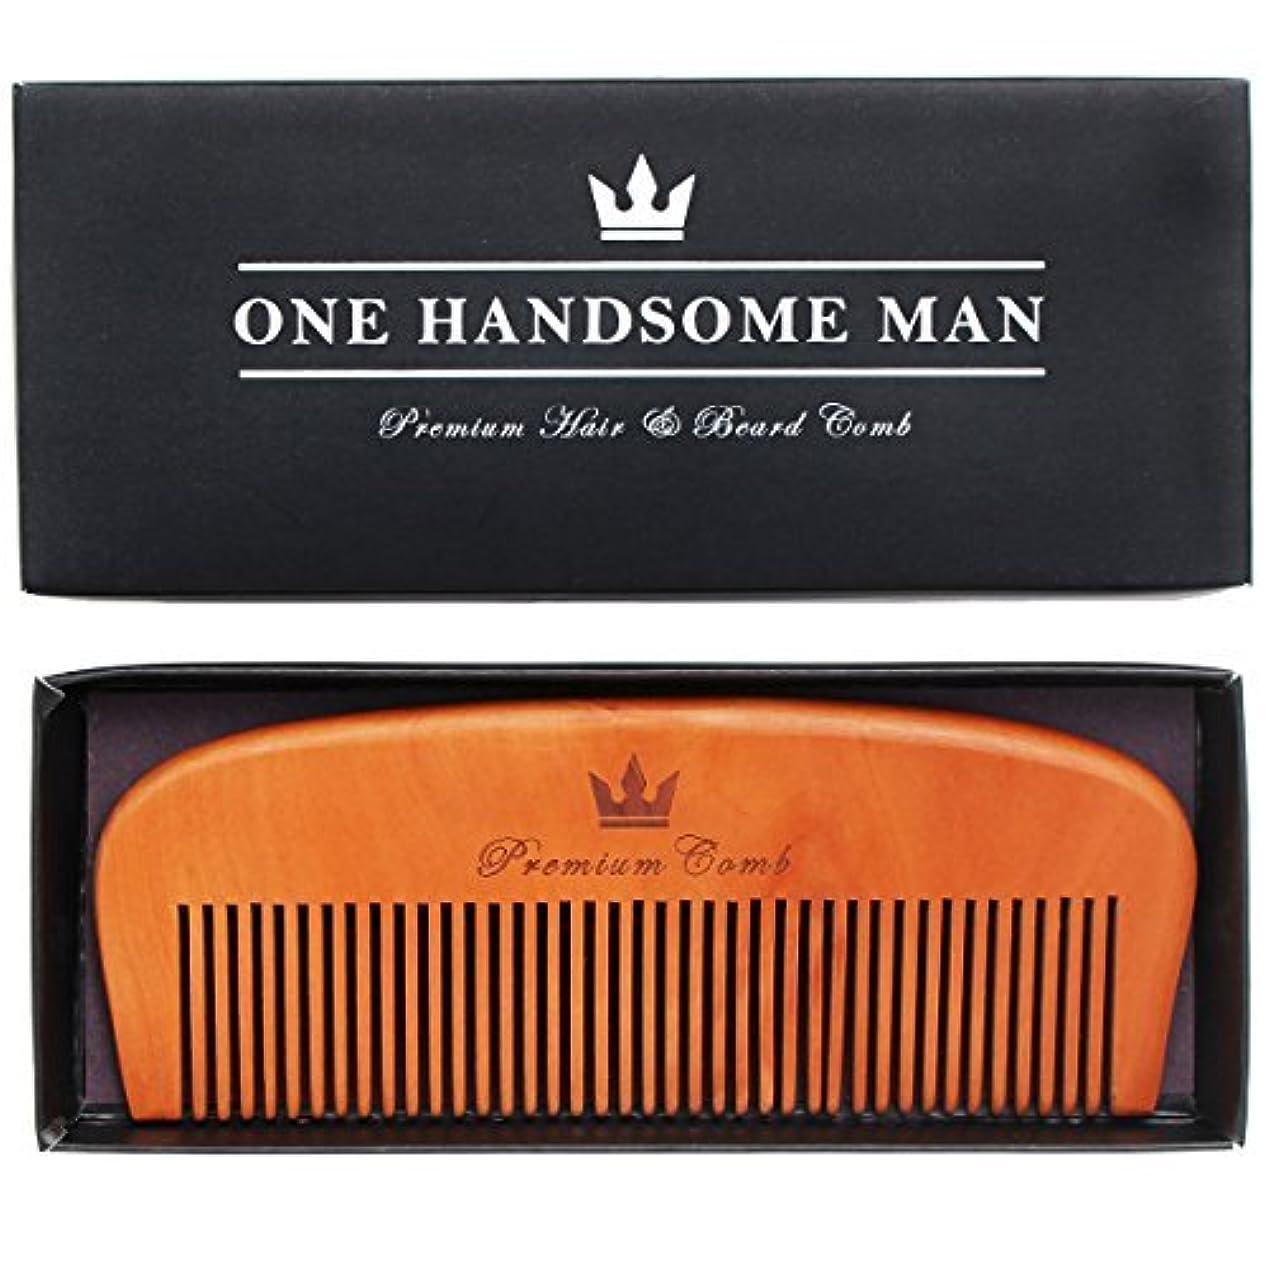 盆支払いビジュアルPremium Hair and Beard Comb - Quality Design with Gift Box. Perfect for Beards, Mustaches, or Head Hair. [並行輸入品]